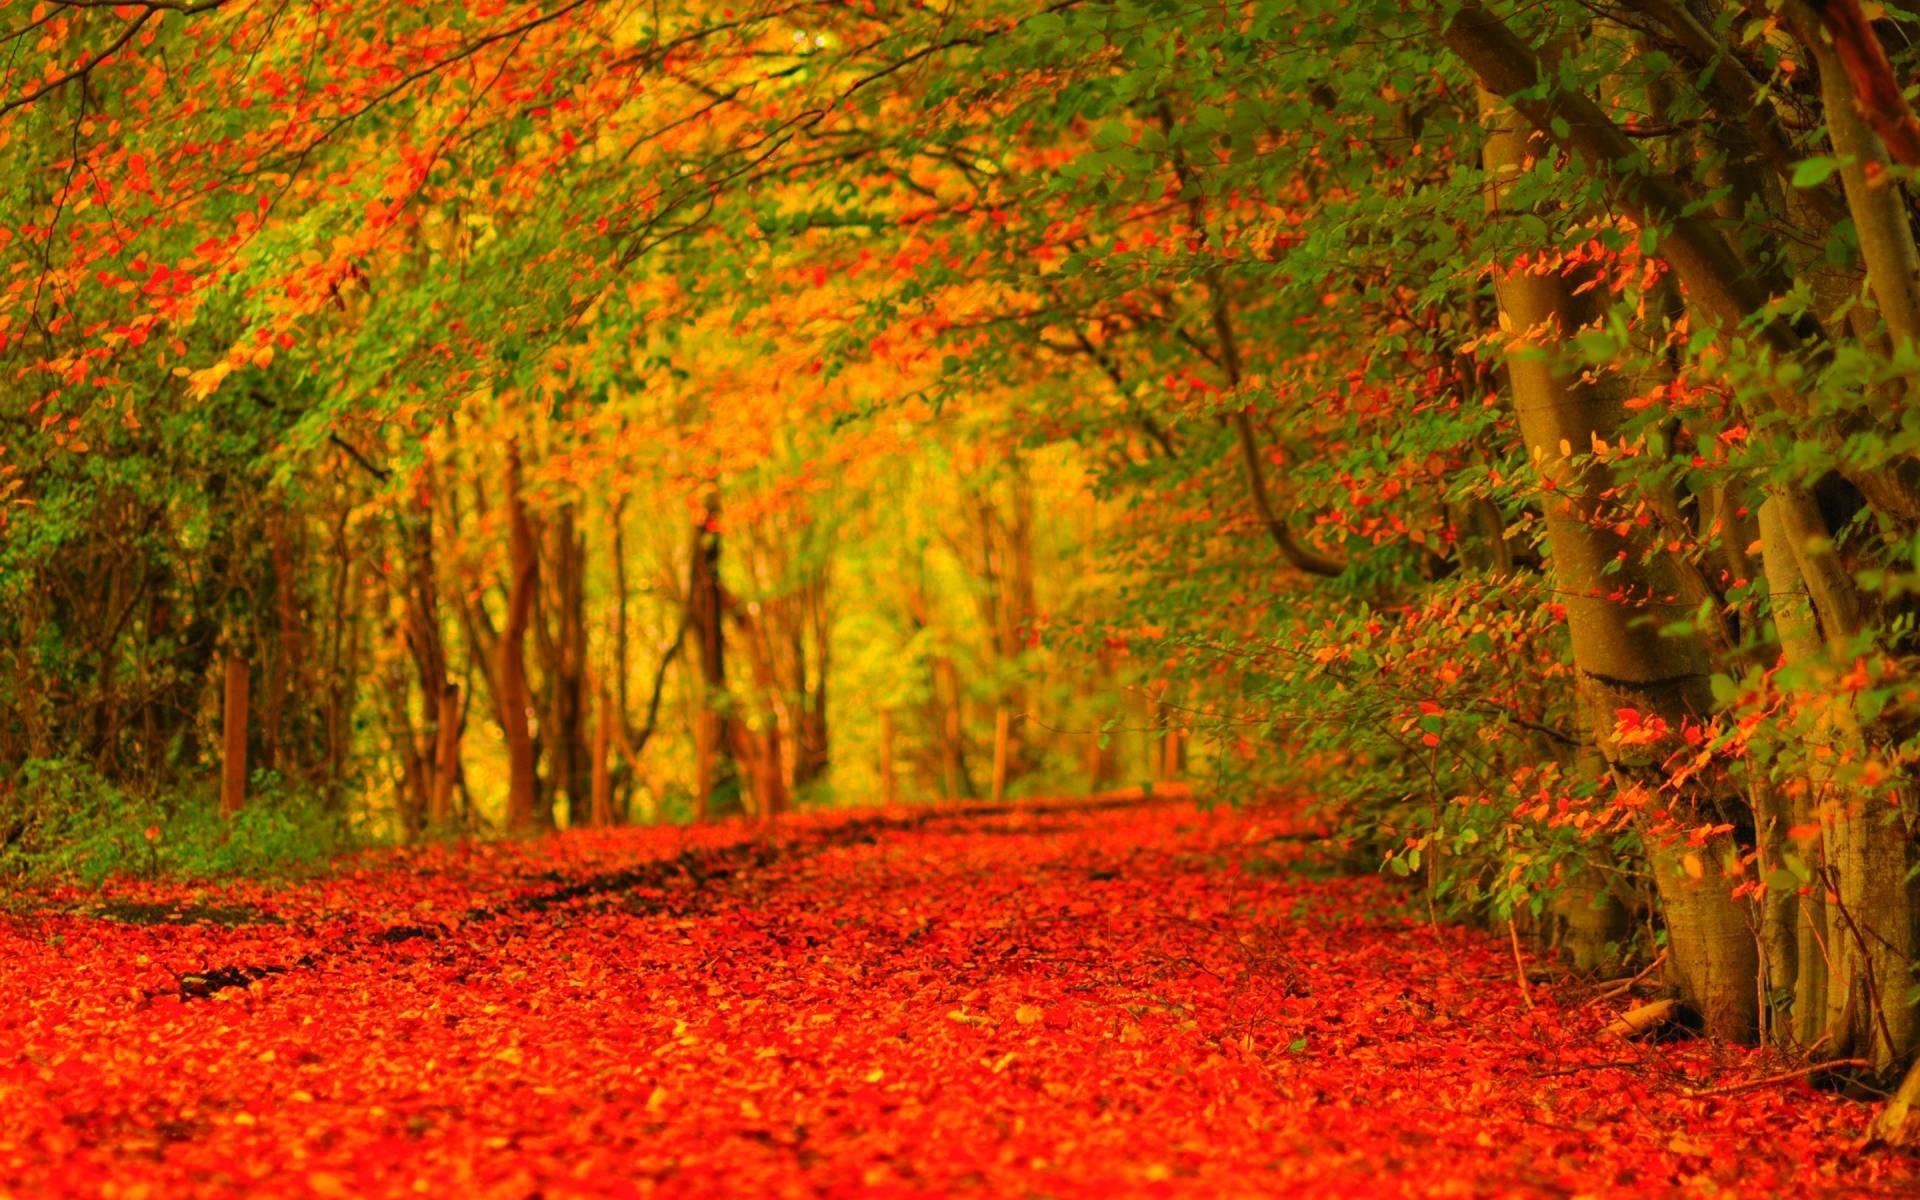 Autumn HD Widescreen Wallpaper (71+ images)